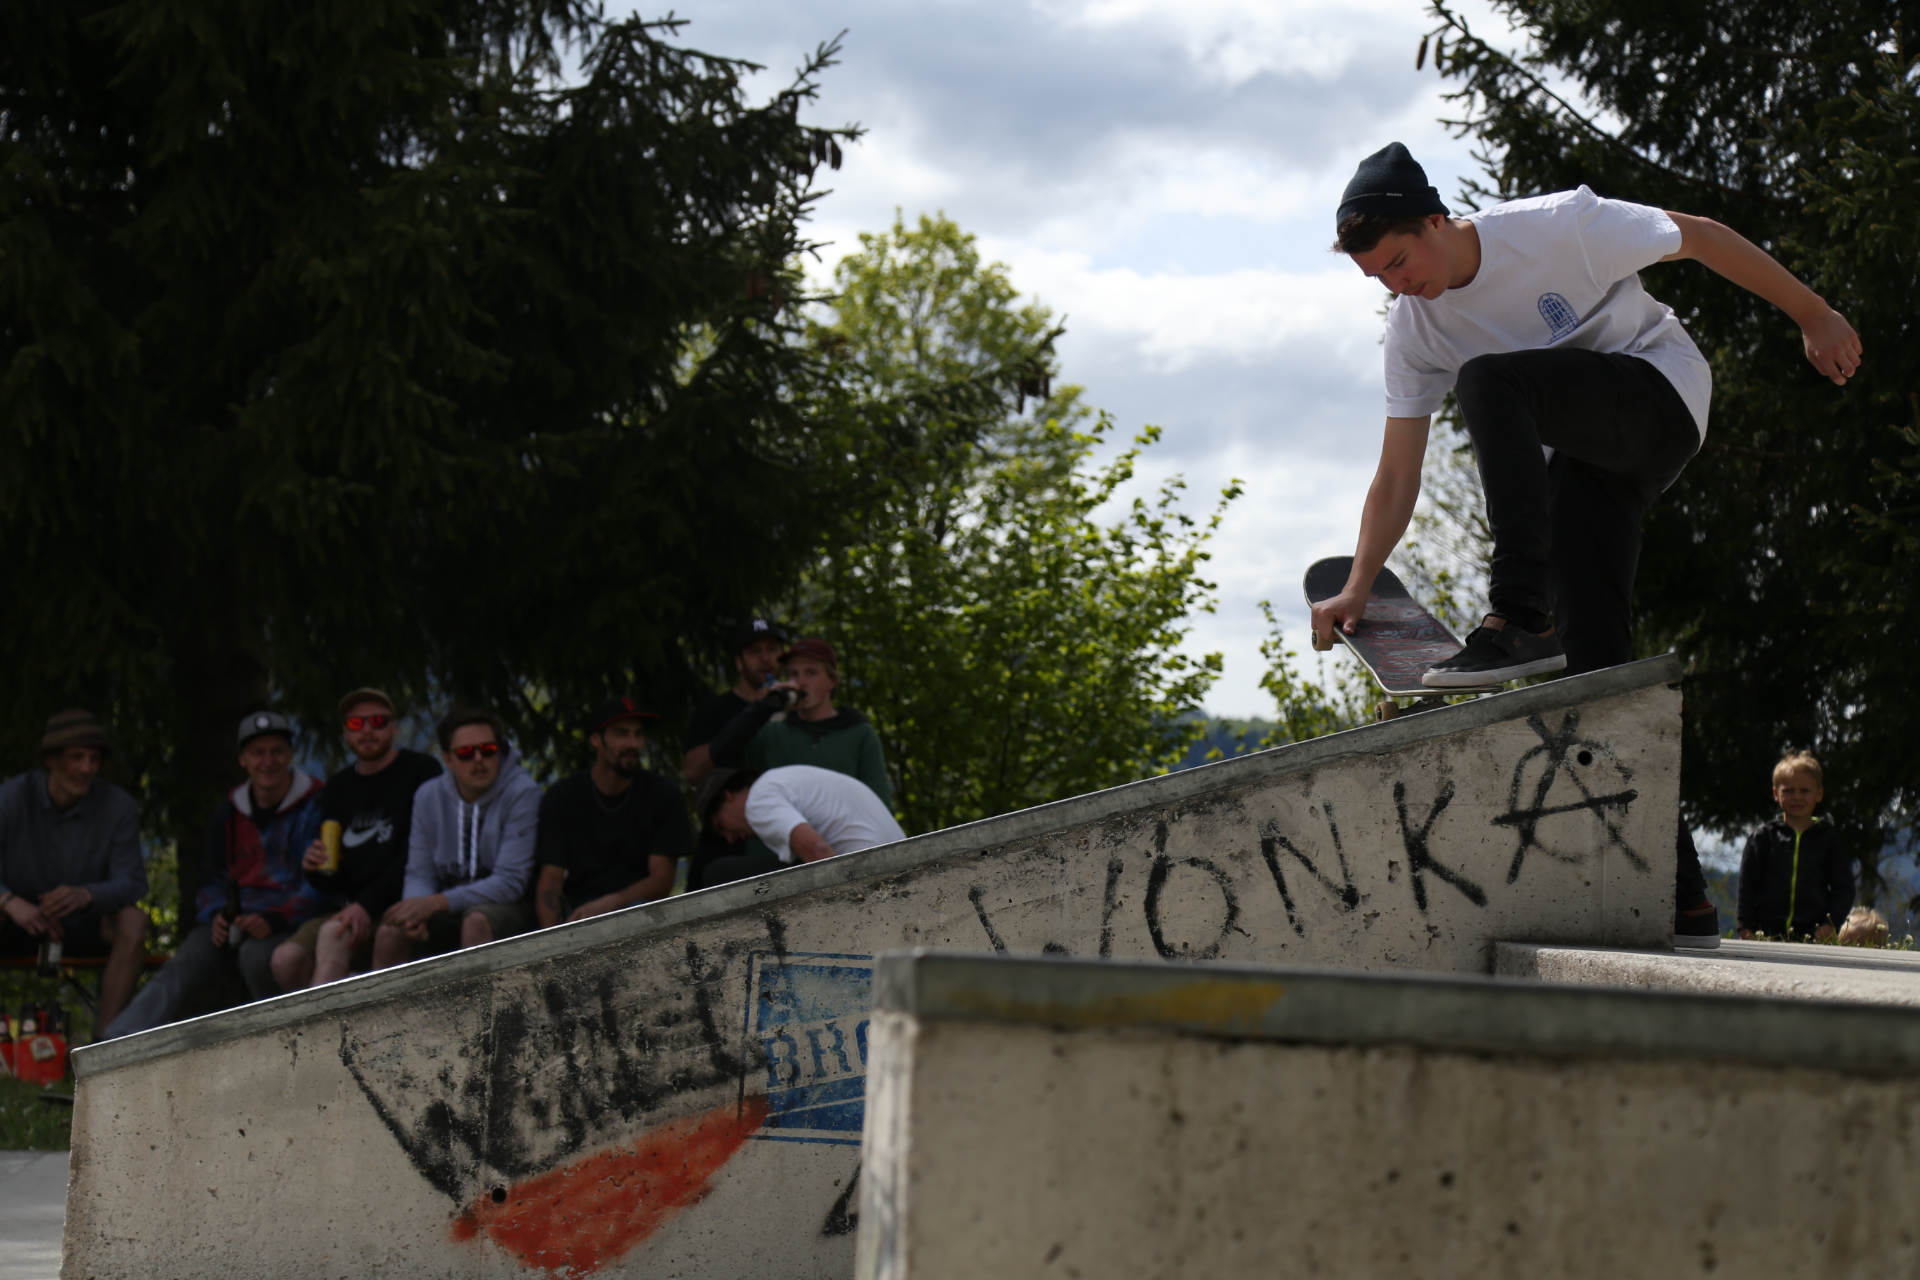 skateboard headz fieberbrunn kgt kitz gau trophy 2019 saalfelden hell00060